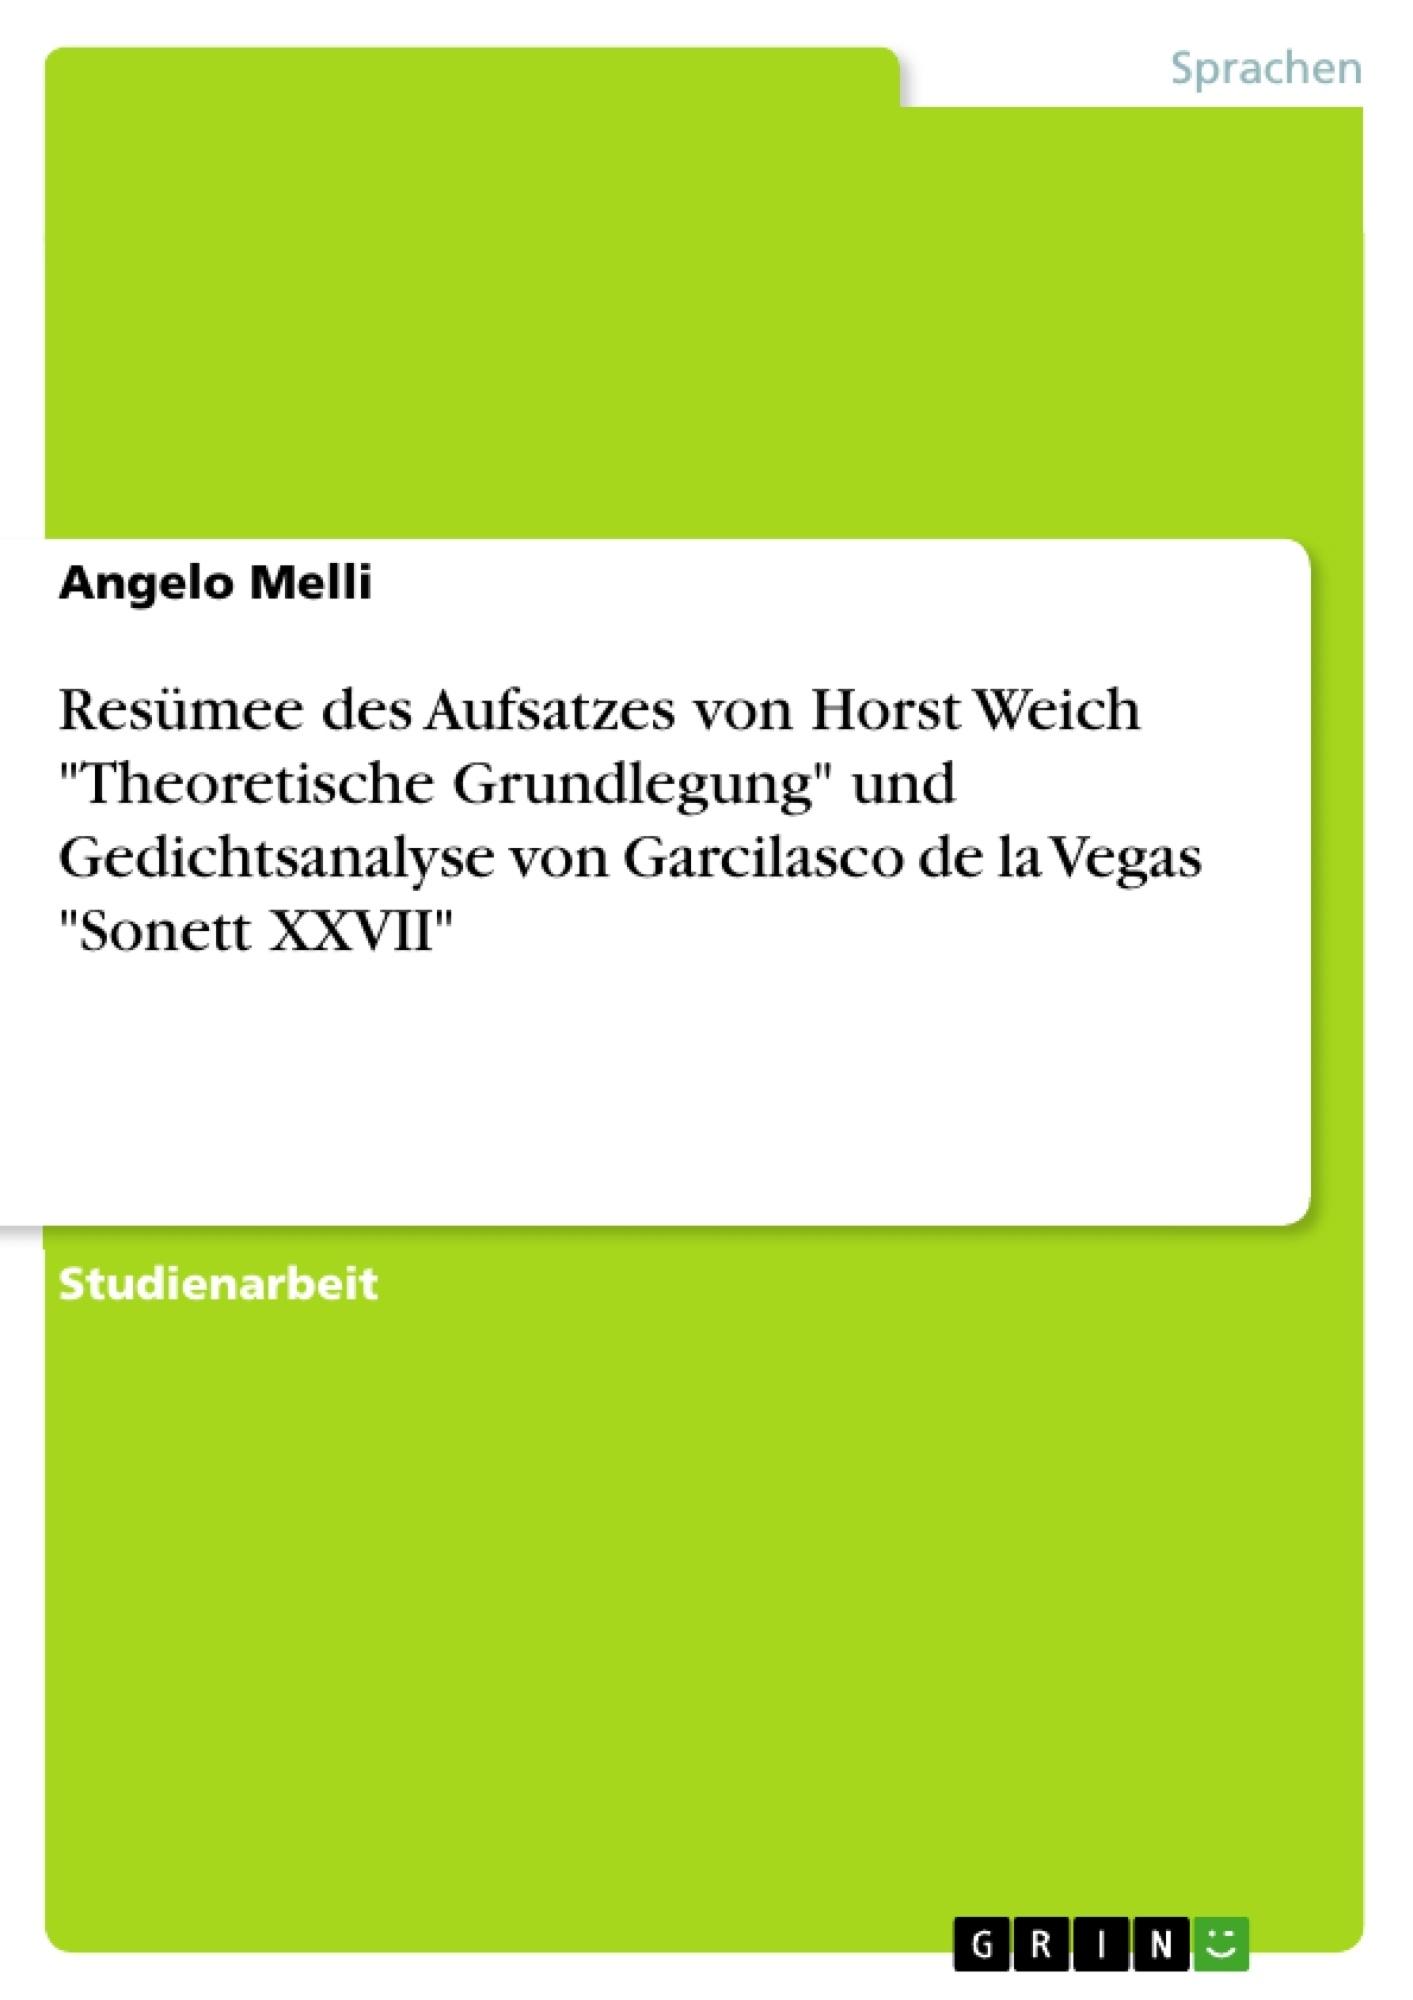 """Titel: Resümee des Aufsatzes von Horst Weich """"Theoretische Grundlegung"""" und Gedichtsanalyse von Garcilasco de la Vegas """"Sonett XXVII"""""""